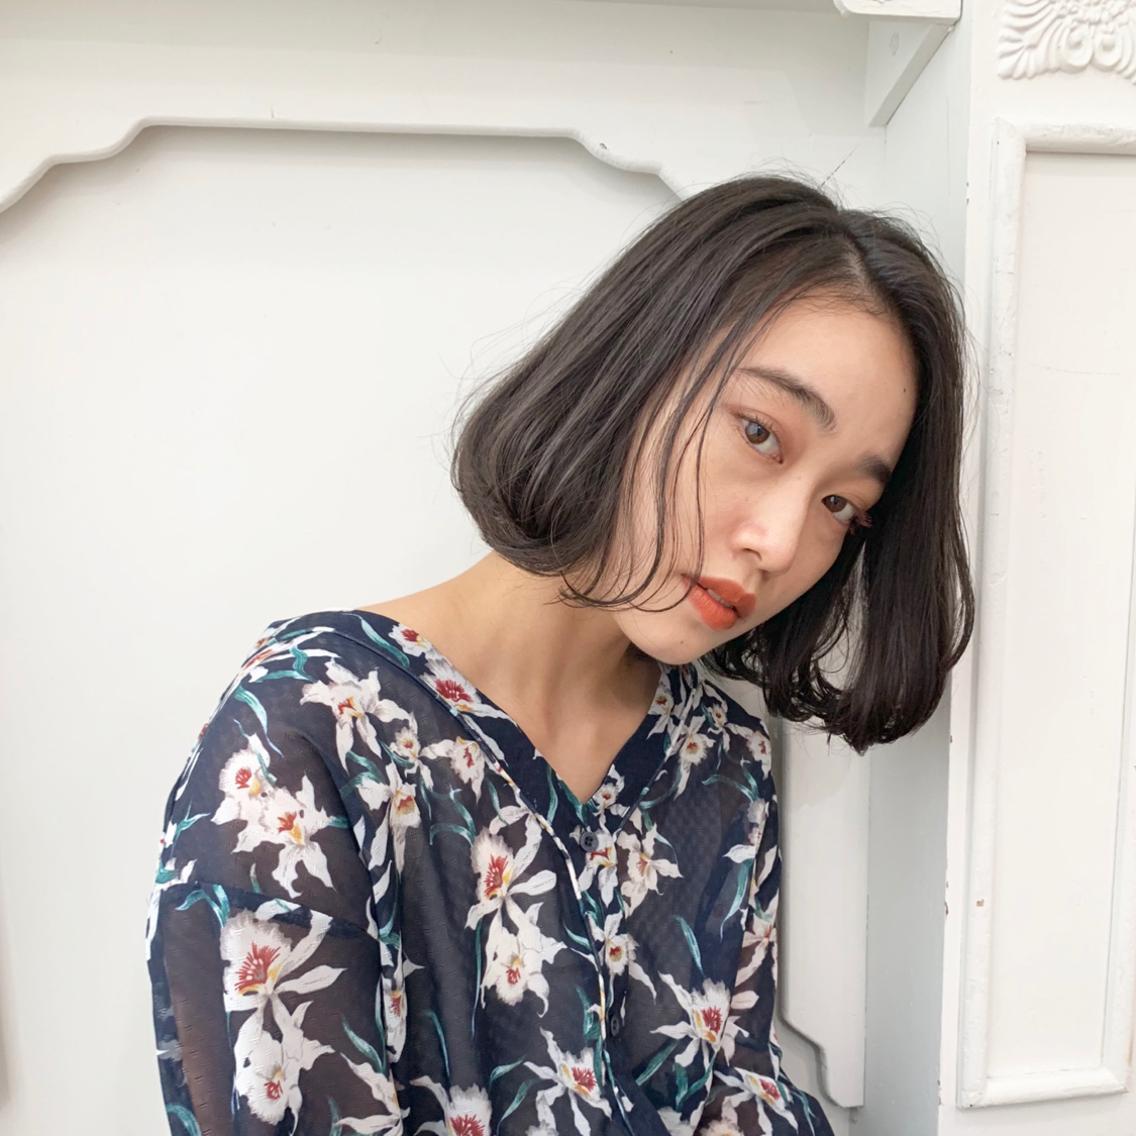 🥀梅田🏹最大80%オフ✂️ 茶屋町からすぐ!女性スタッフが担当❤️😍グレージュハイライトが得意です!豊富なケアメニューでダメージレスなツヤカラーに透明感外国人風カラーはお任せください❤️